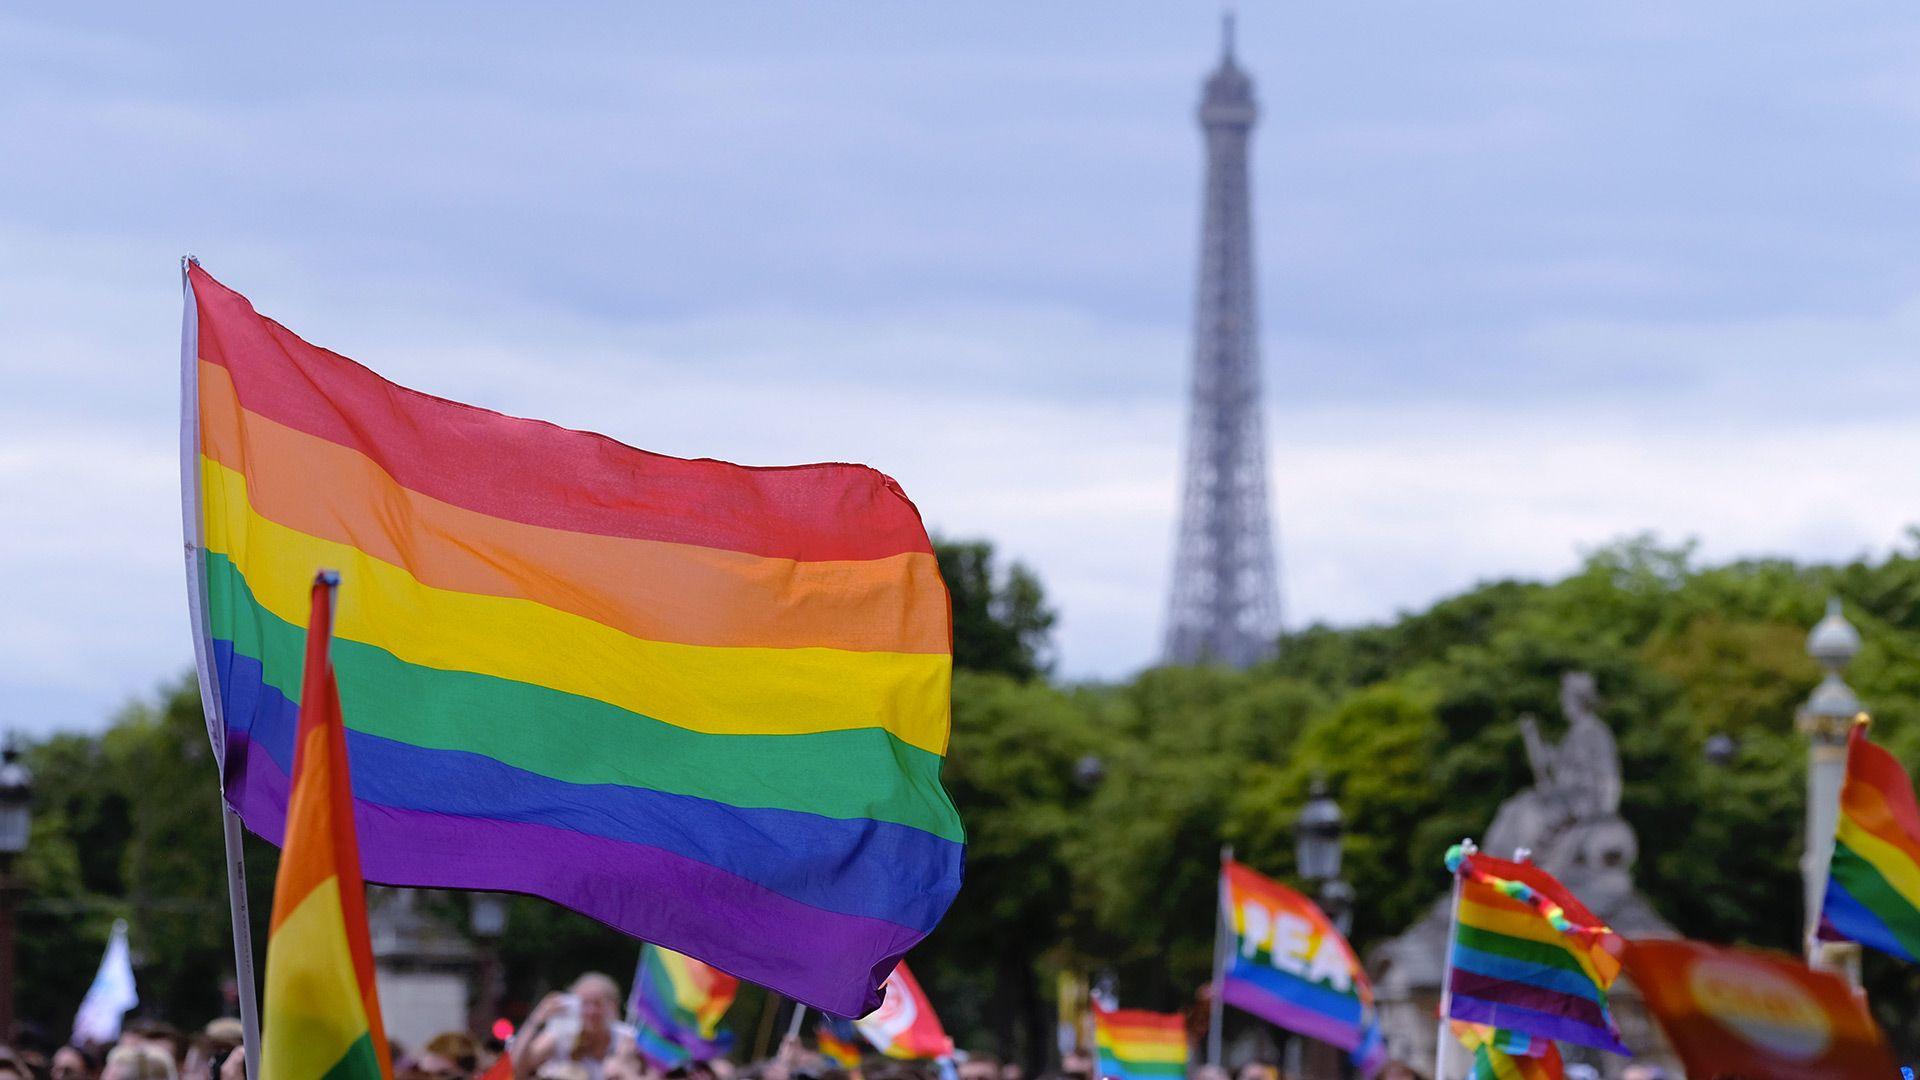 Drapeau arc-en-ciel flottant près de la Tour Eiffel lors de la Marche des fiertés de Paris